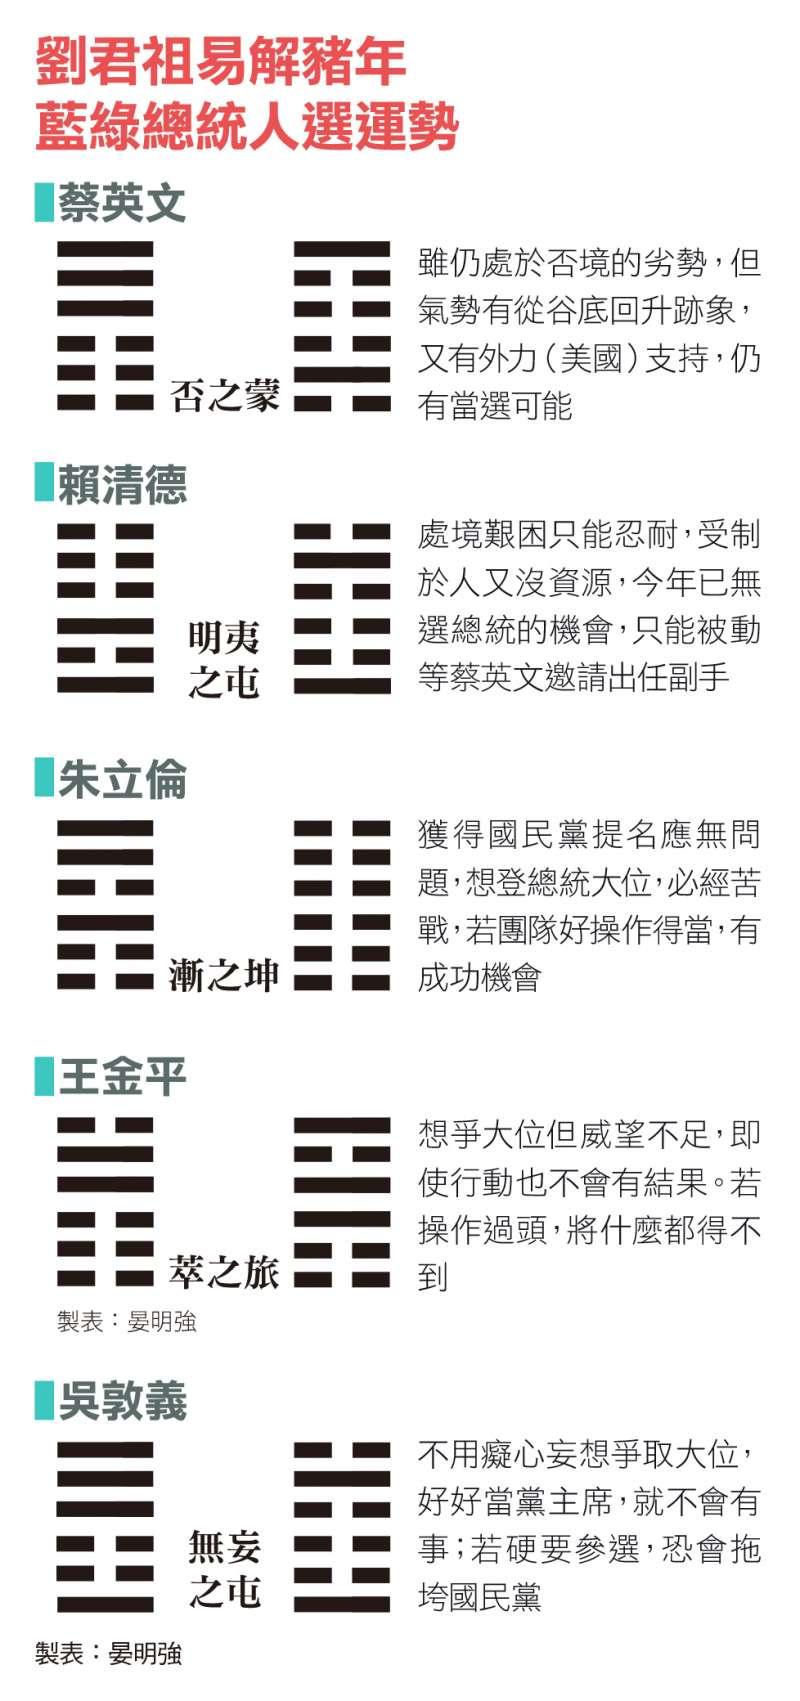 劉君祖易解豬年藍綠總統人選運勢